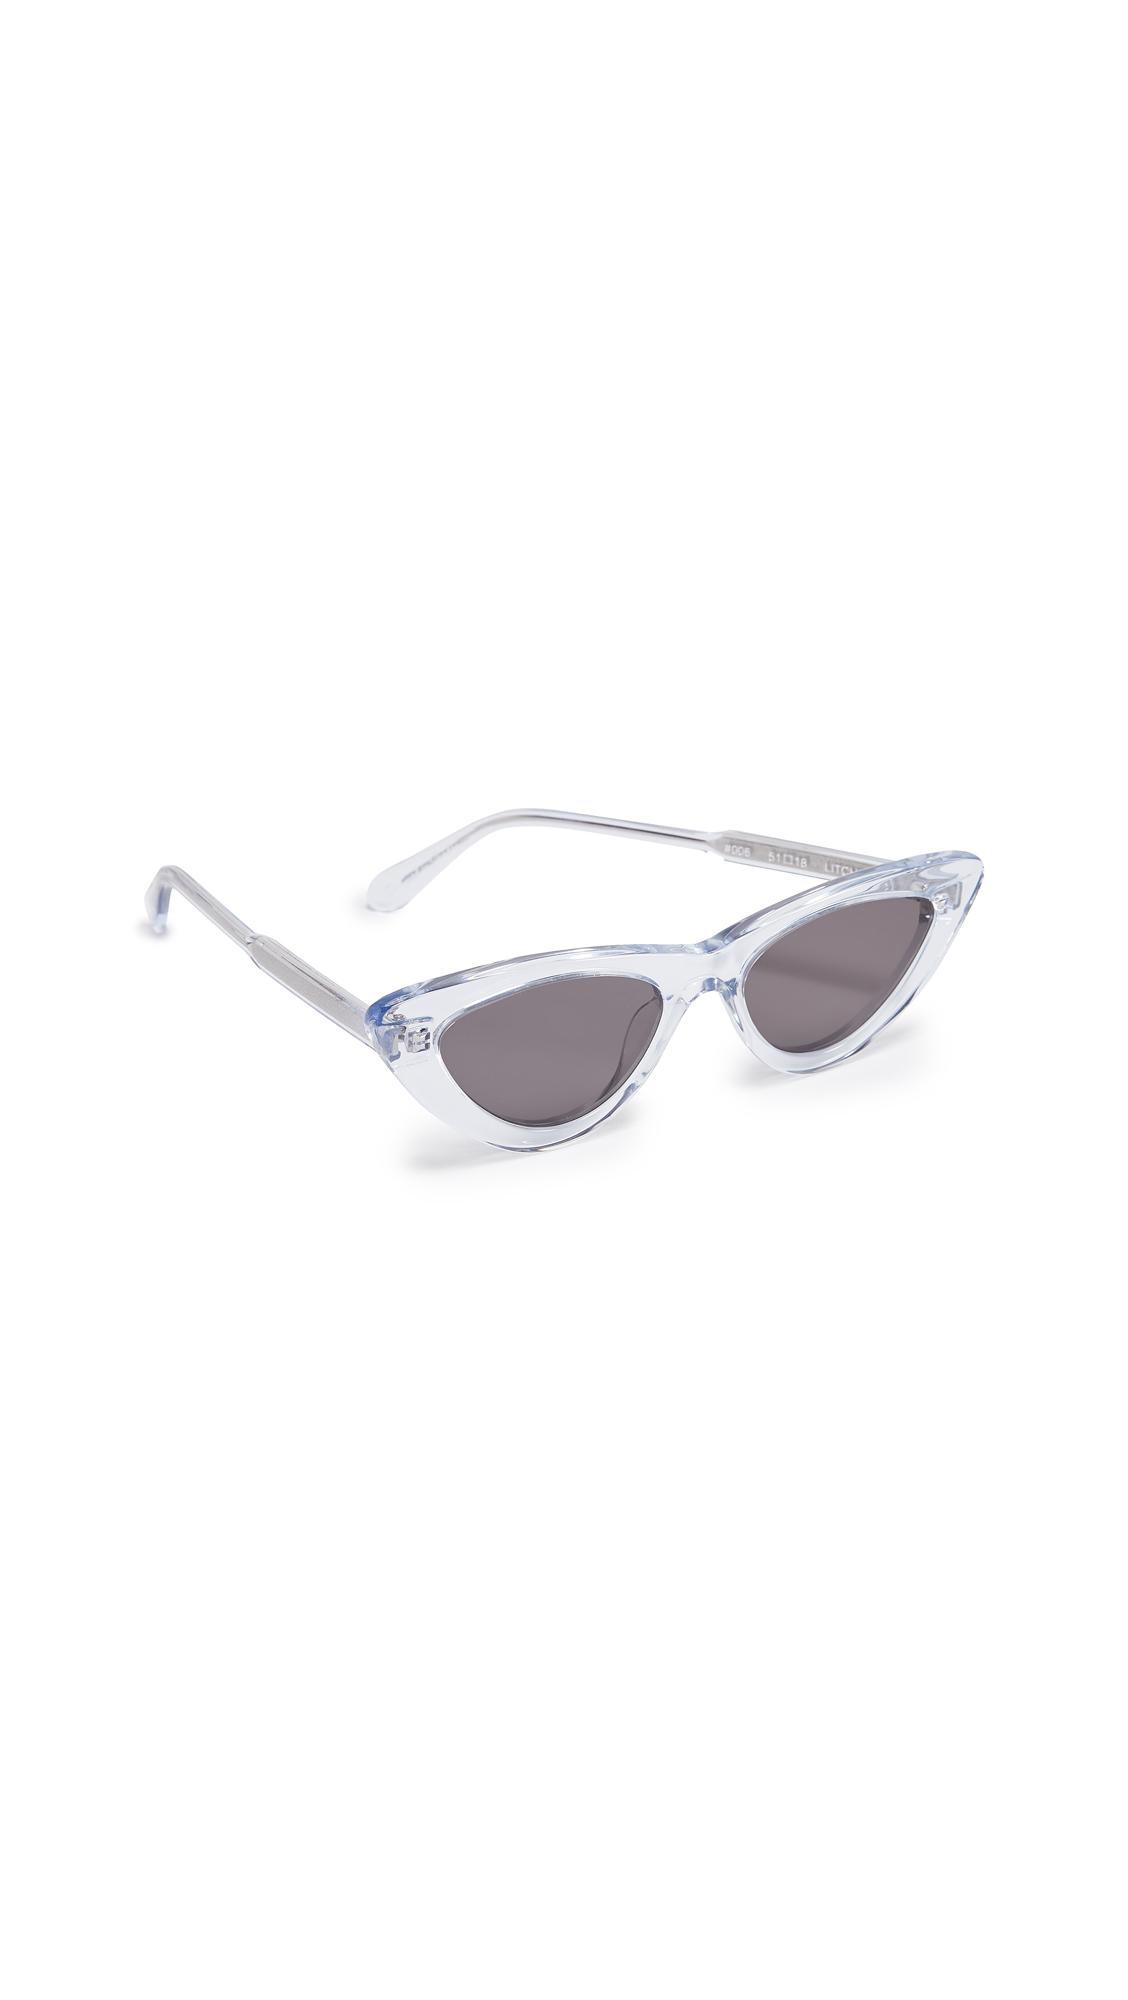 CHIMI 006 Sunglasses in Litchi